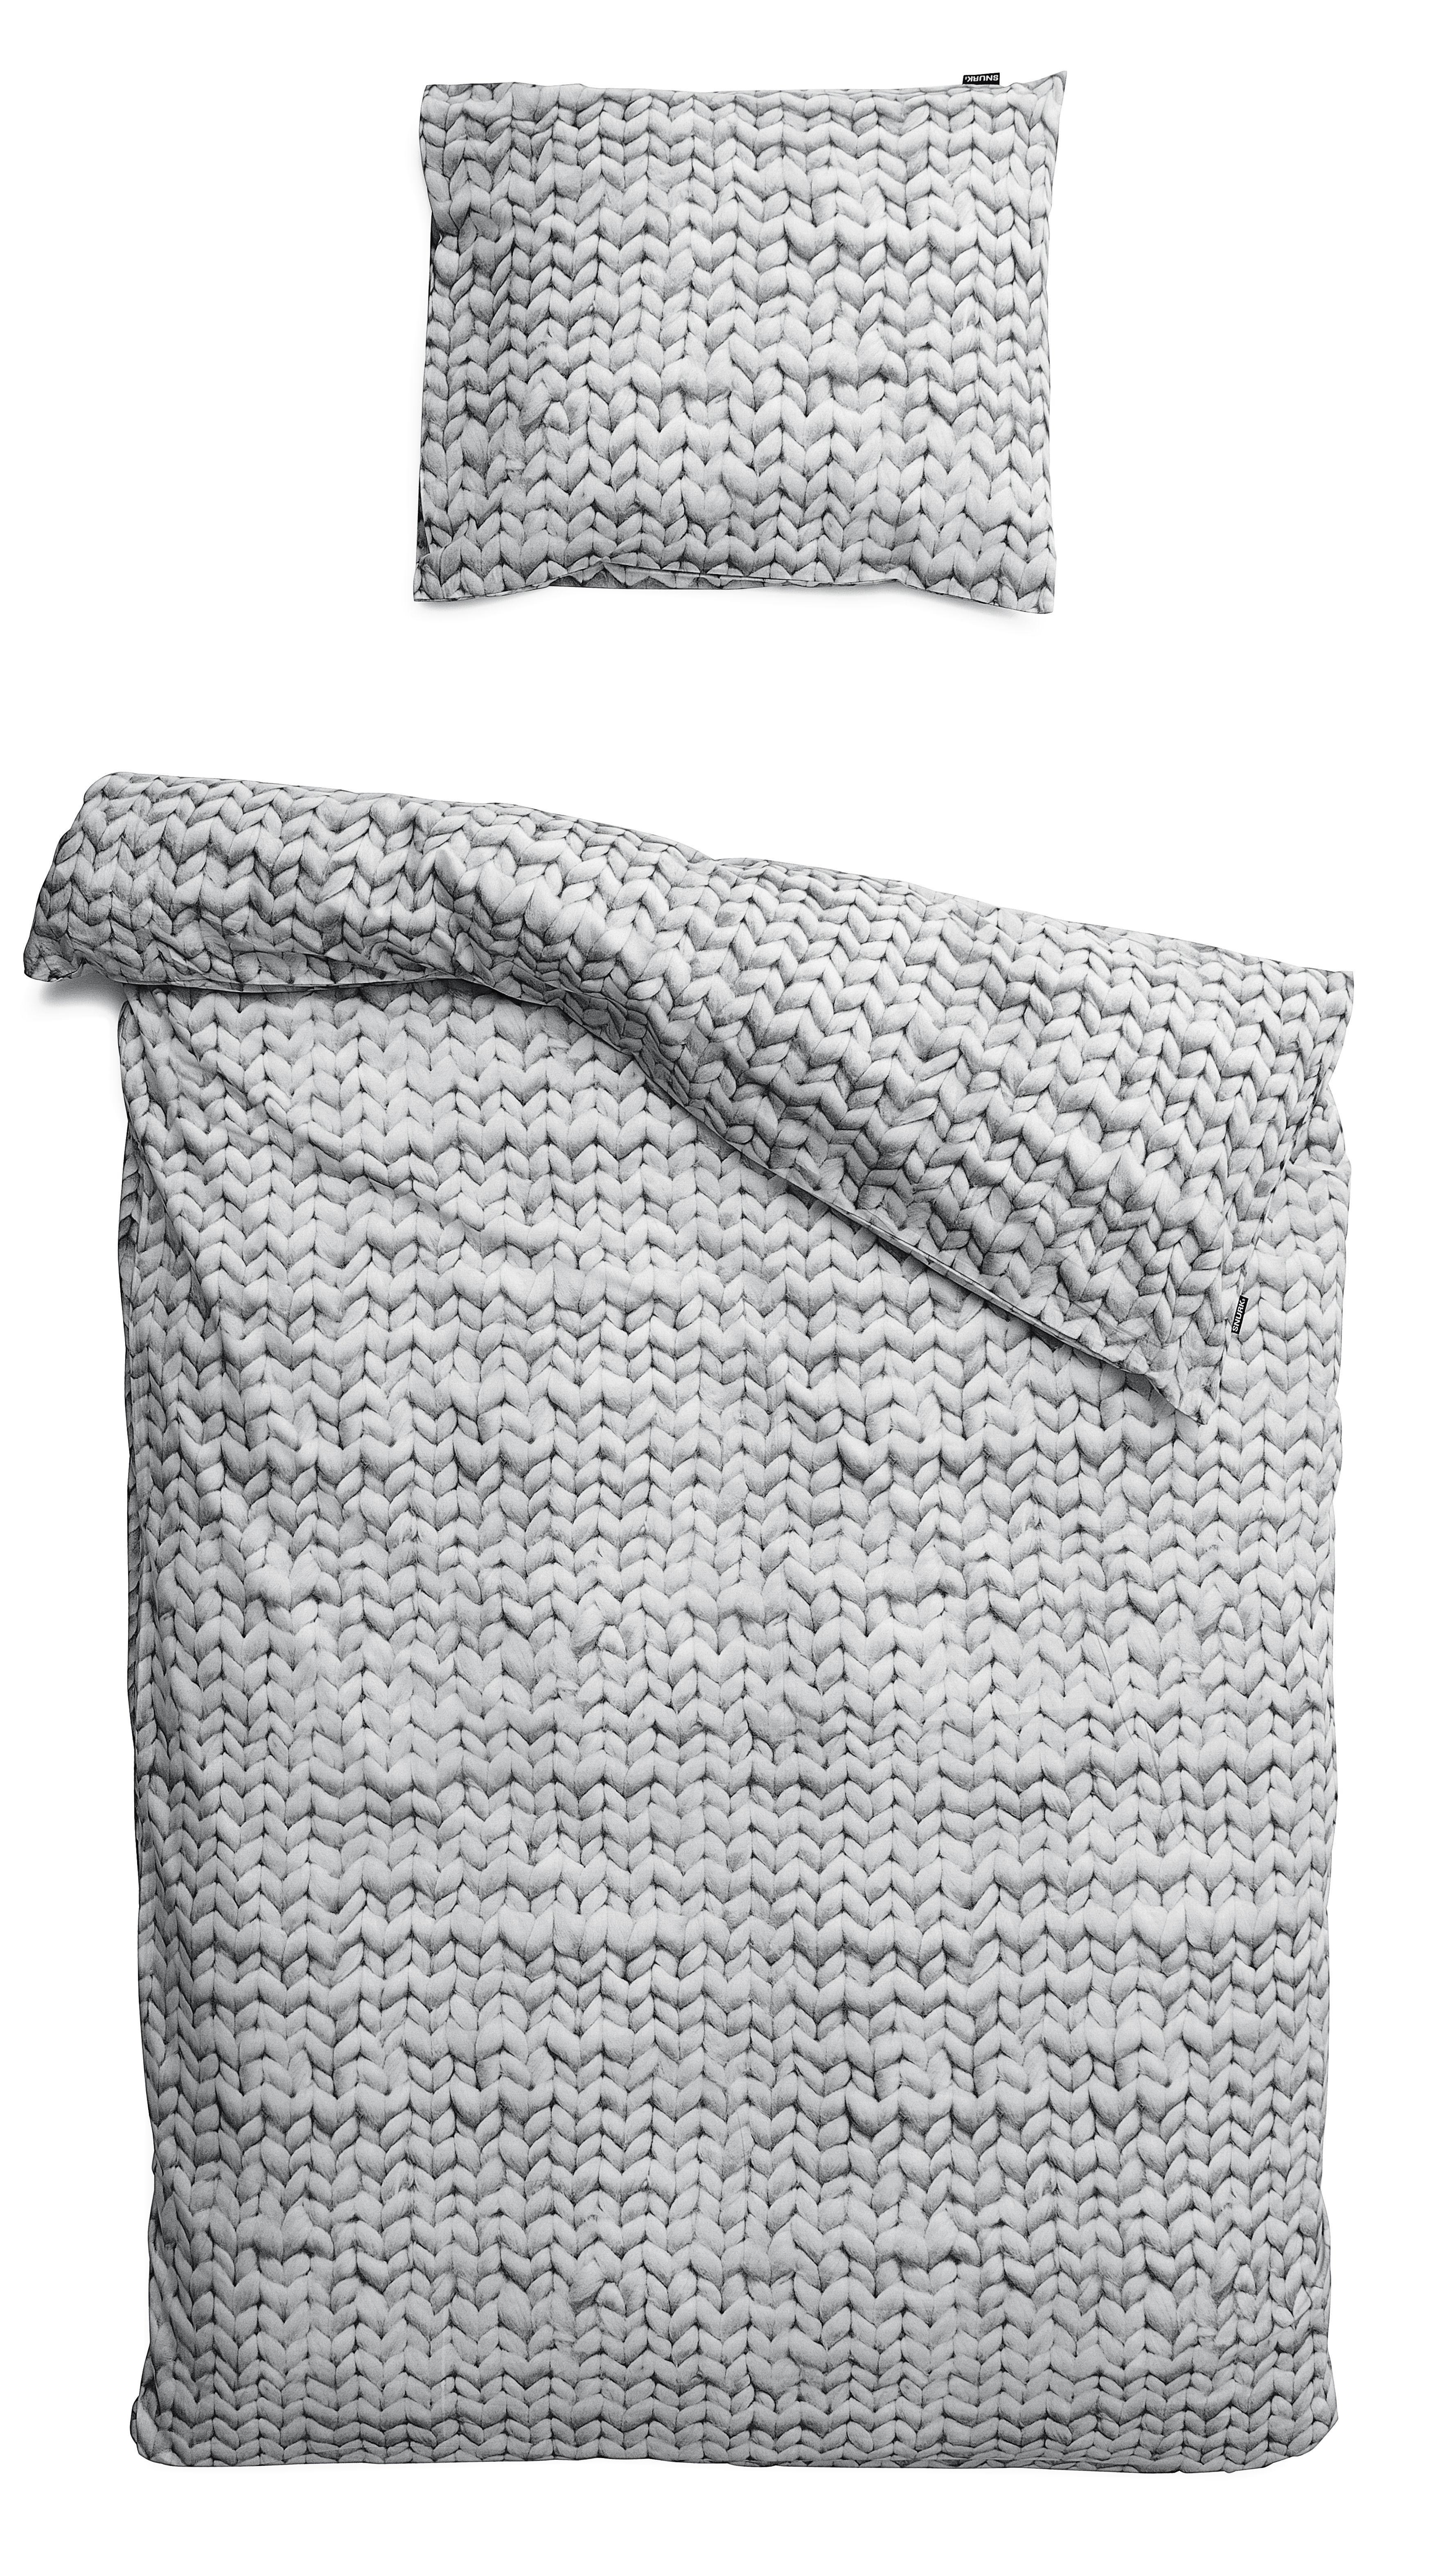 Déco - Textile - Parure de lit 2 personnes Twirre / 240 x 220 cm - Snurk - Tricot Gris - Percale de coton